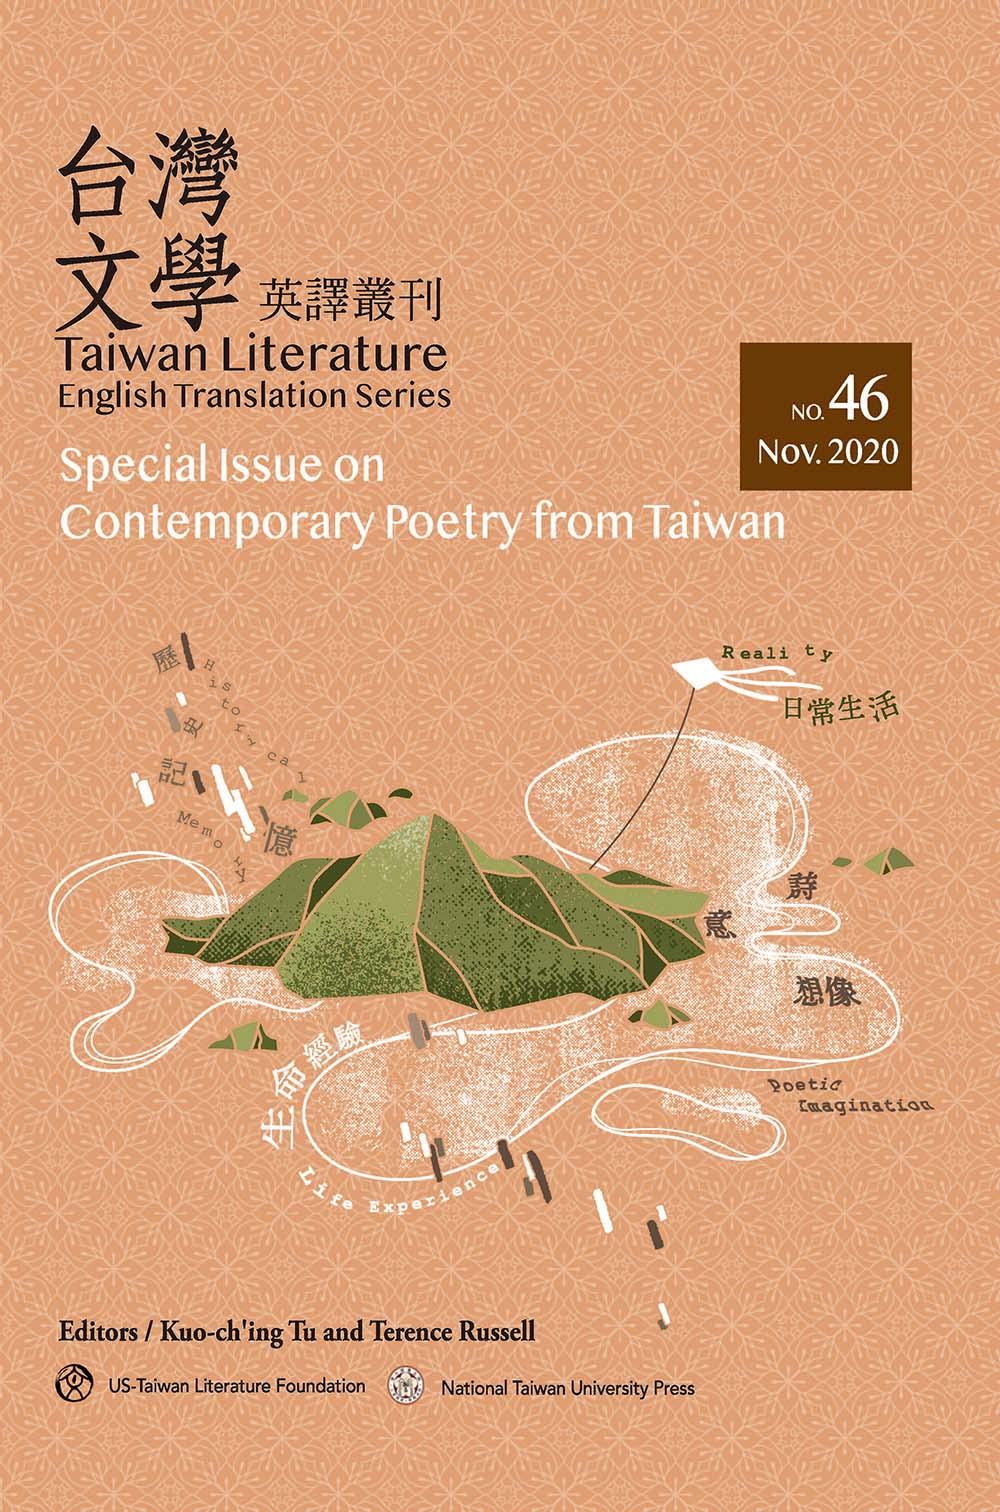 台灣文學英譯叢刊(No. 46):台灣當代詩專輯